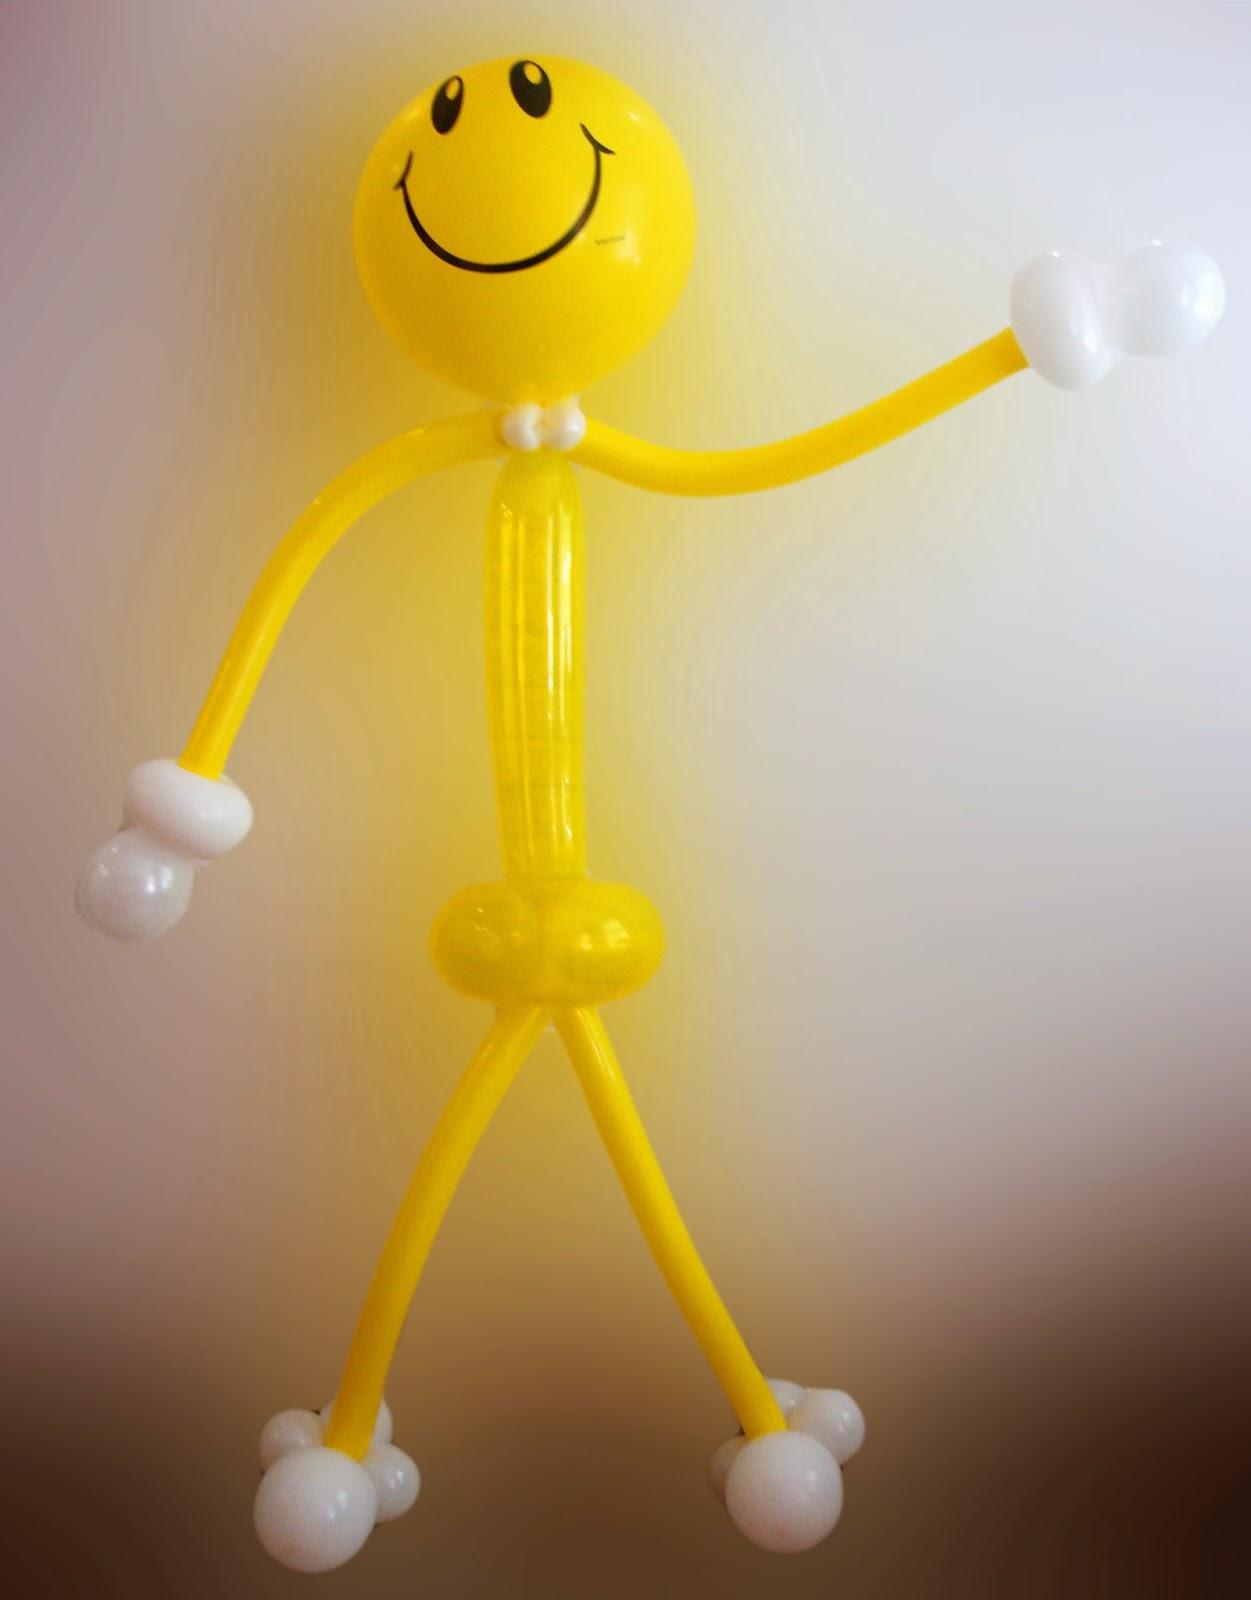 Человечек с улыбкой из воздушных шариков